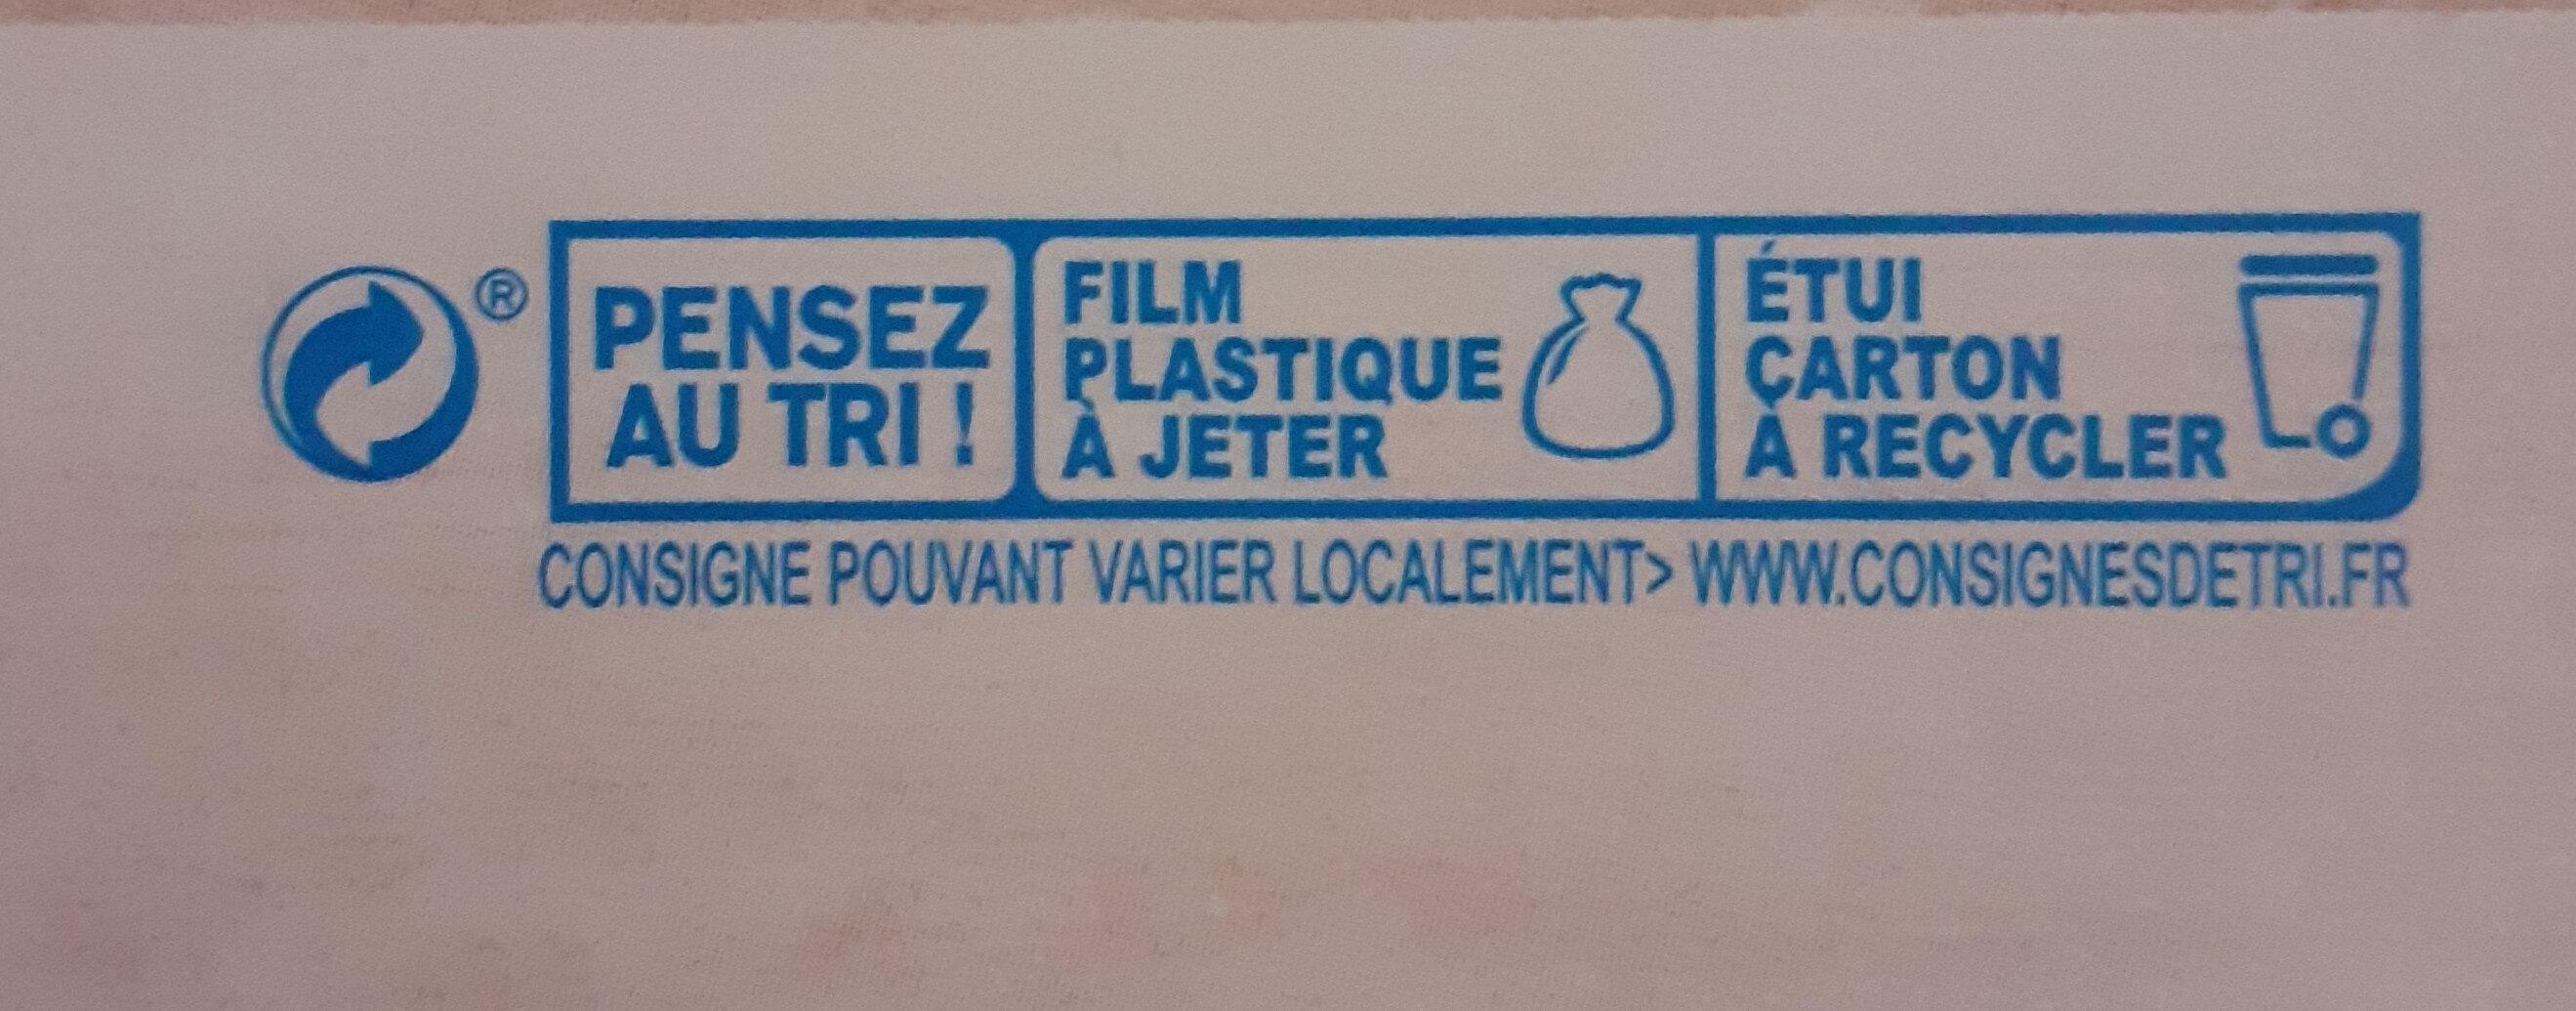 Tofu nature - Instruction de recyclage et/ou informations d'emballage - fr